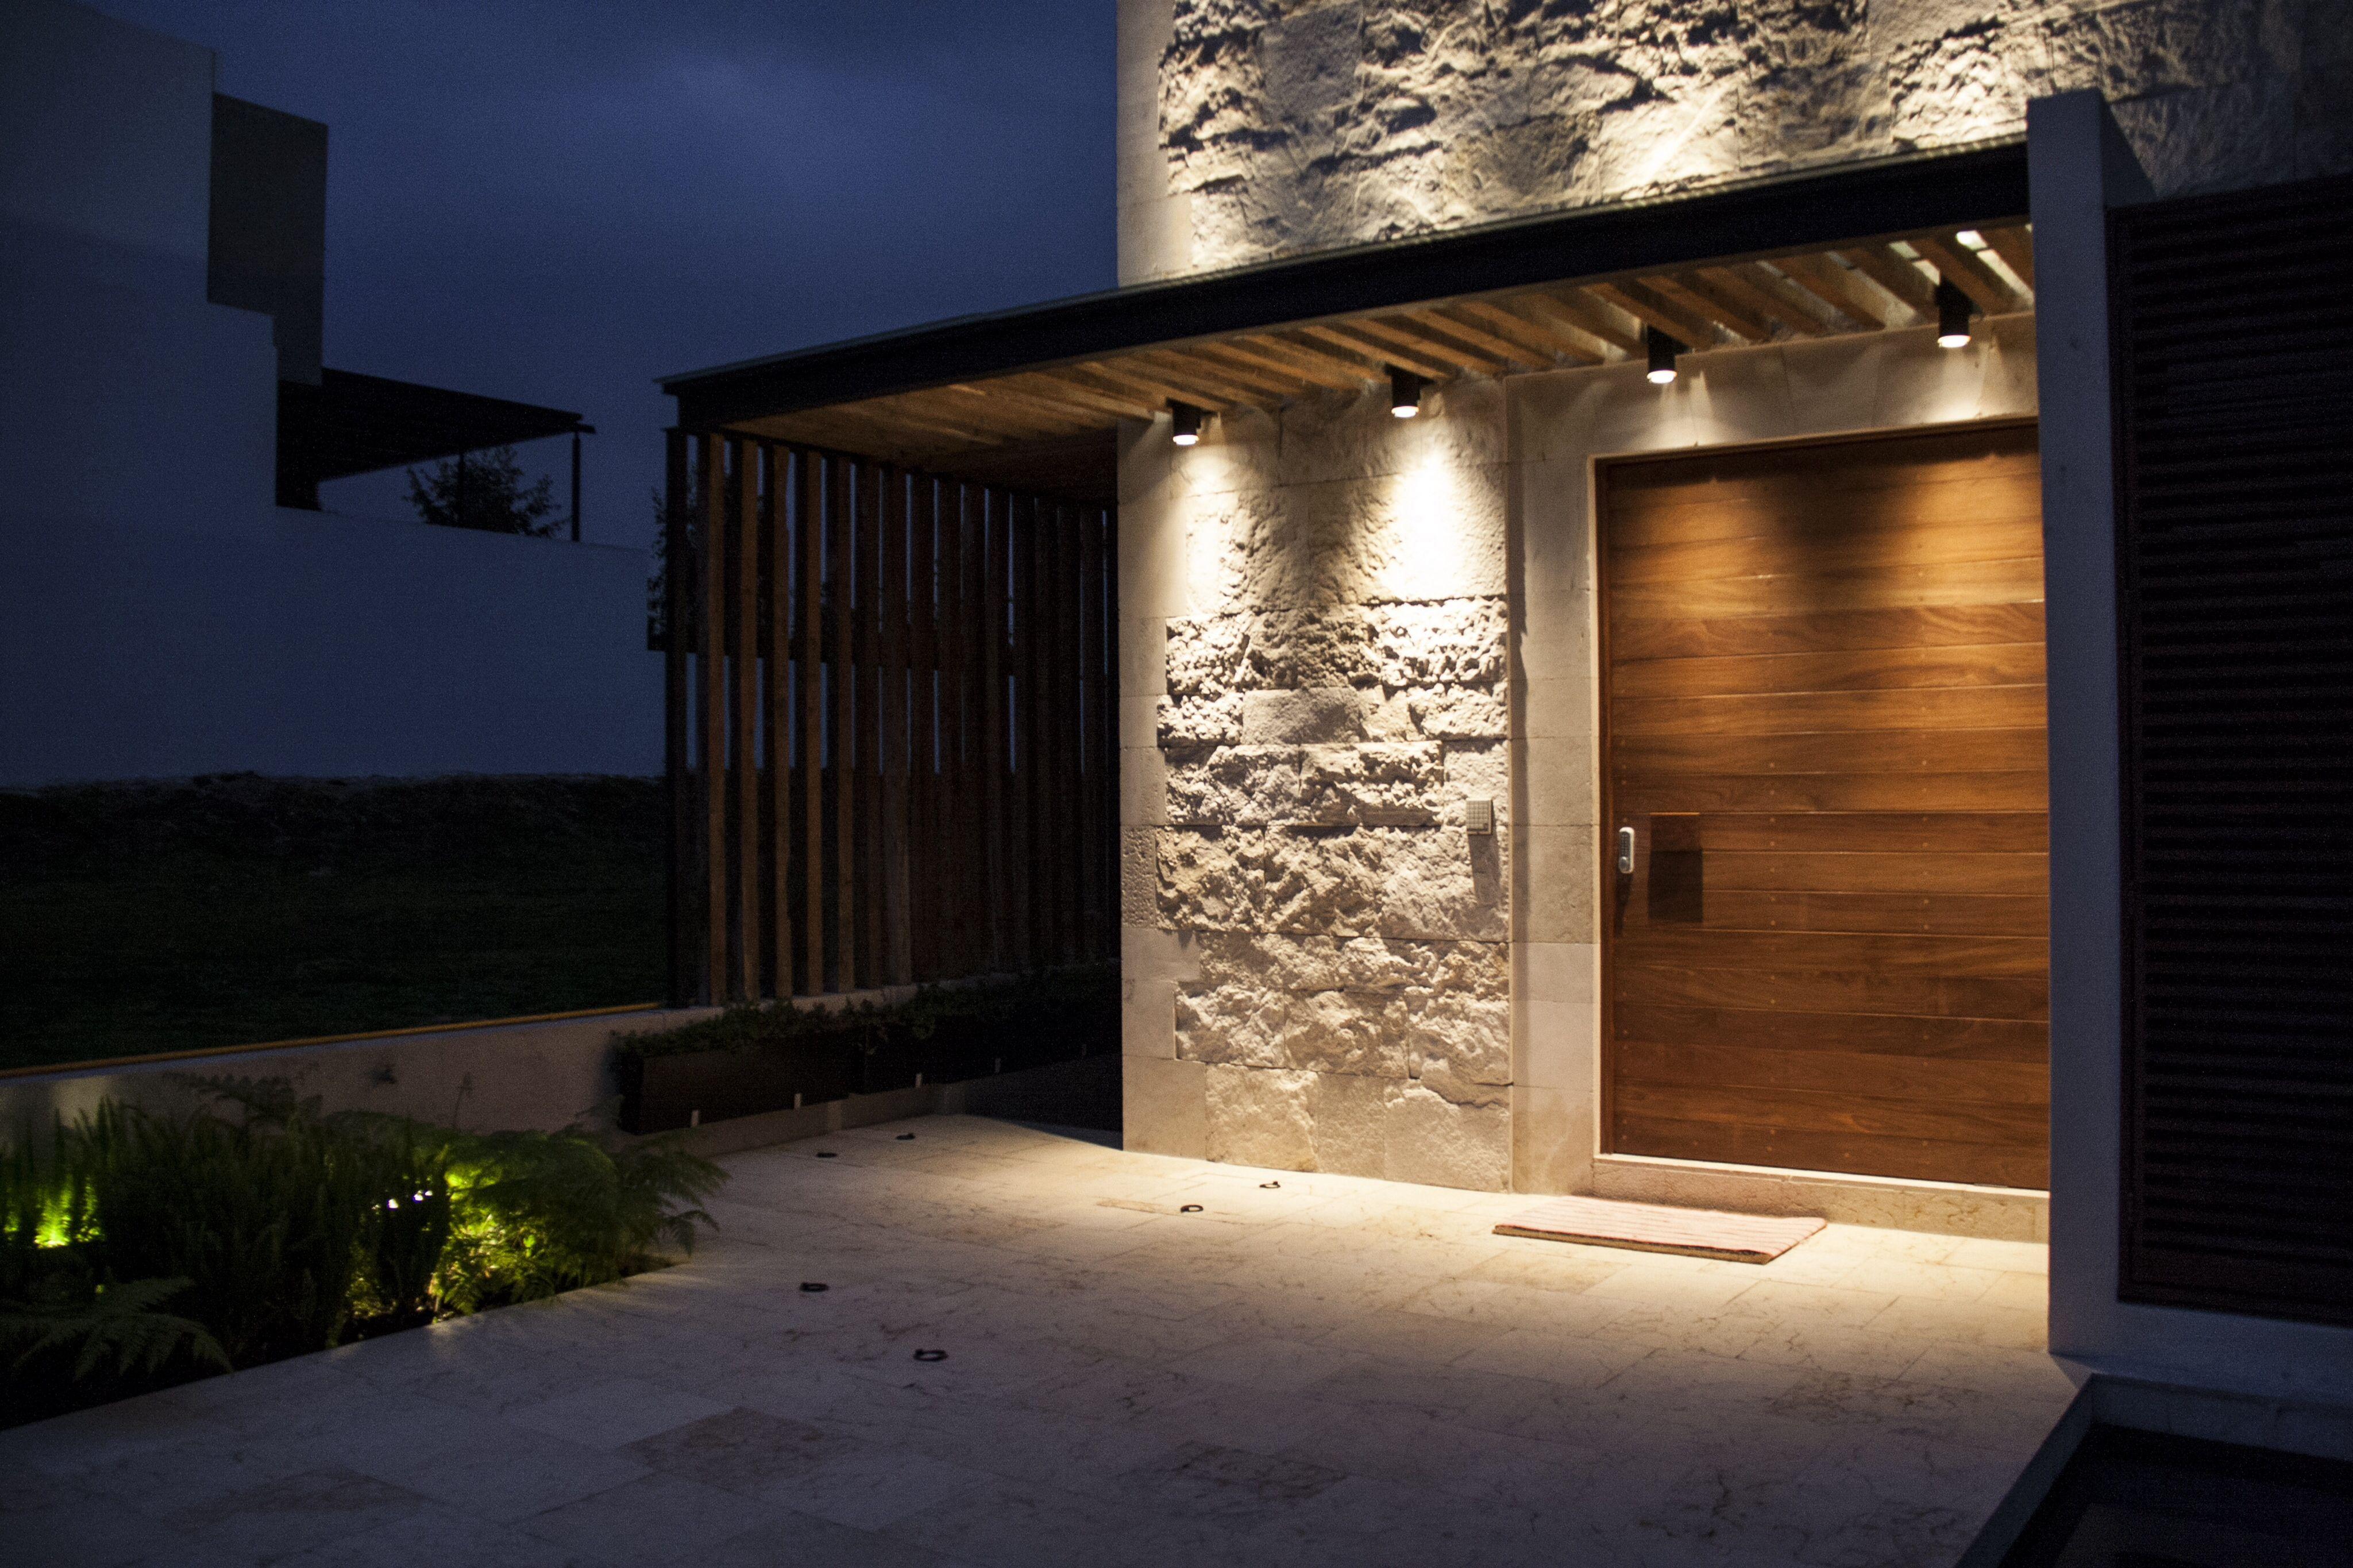 Casa ss fachada muros de piedra iluminación nocturna código